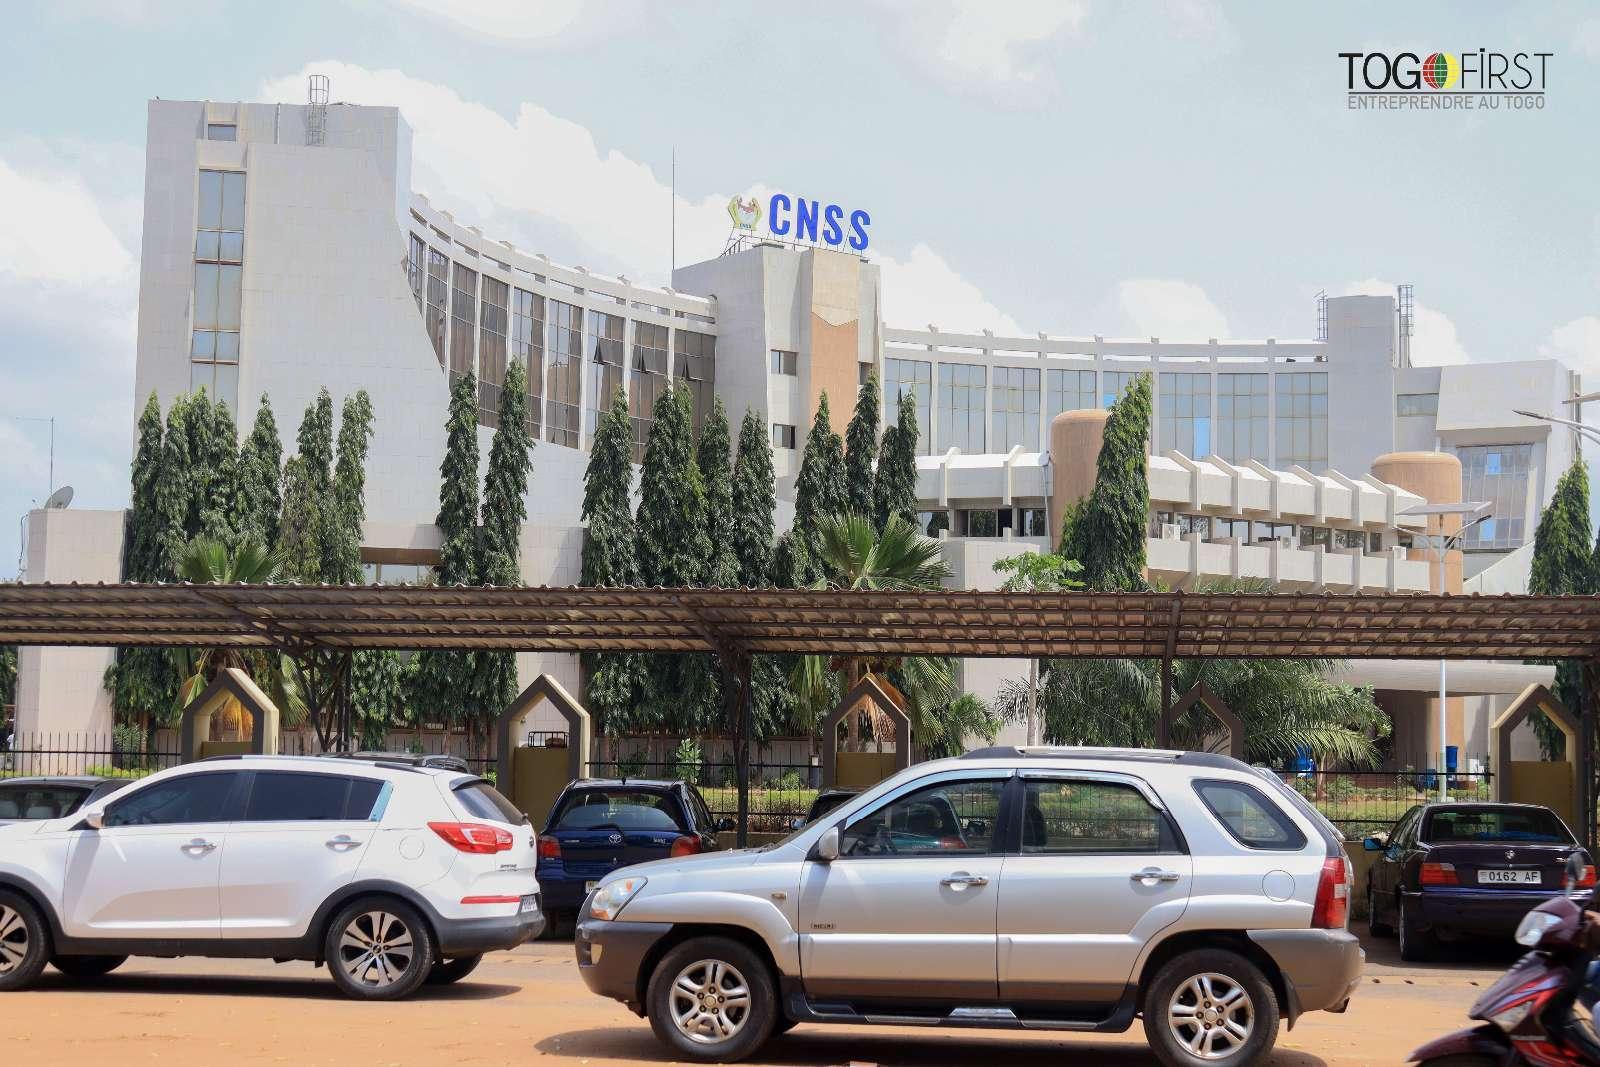 Siège social de la Caisse Nationale de Sécurité Sociale du Togo (CNSS Togo)